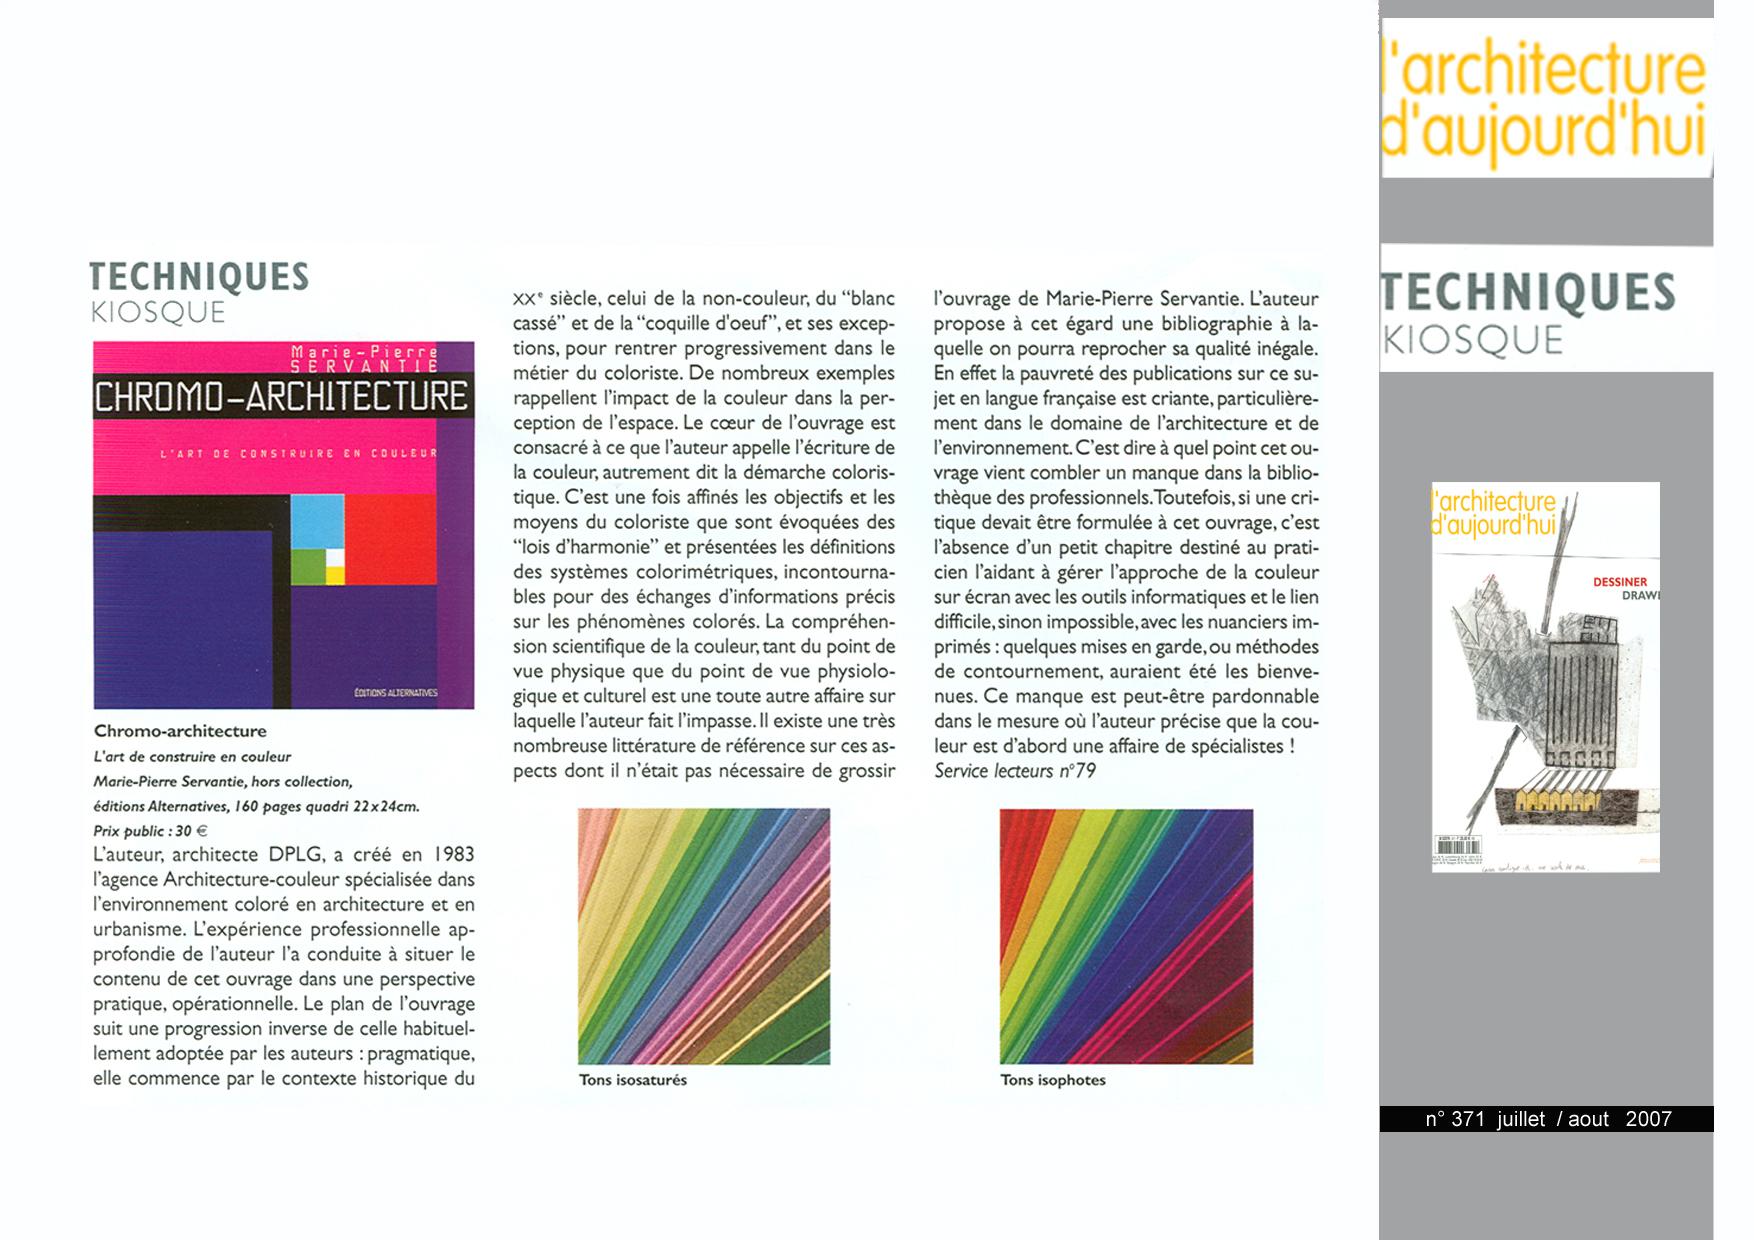 2007-08- 07, 18 l'Architecture d'Aujourd'hui